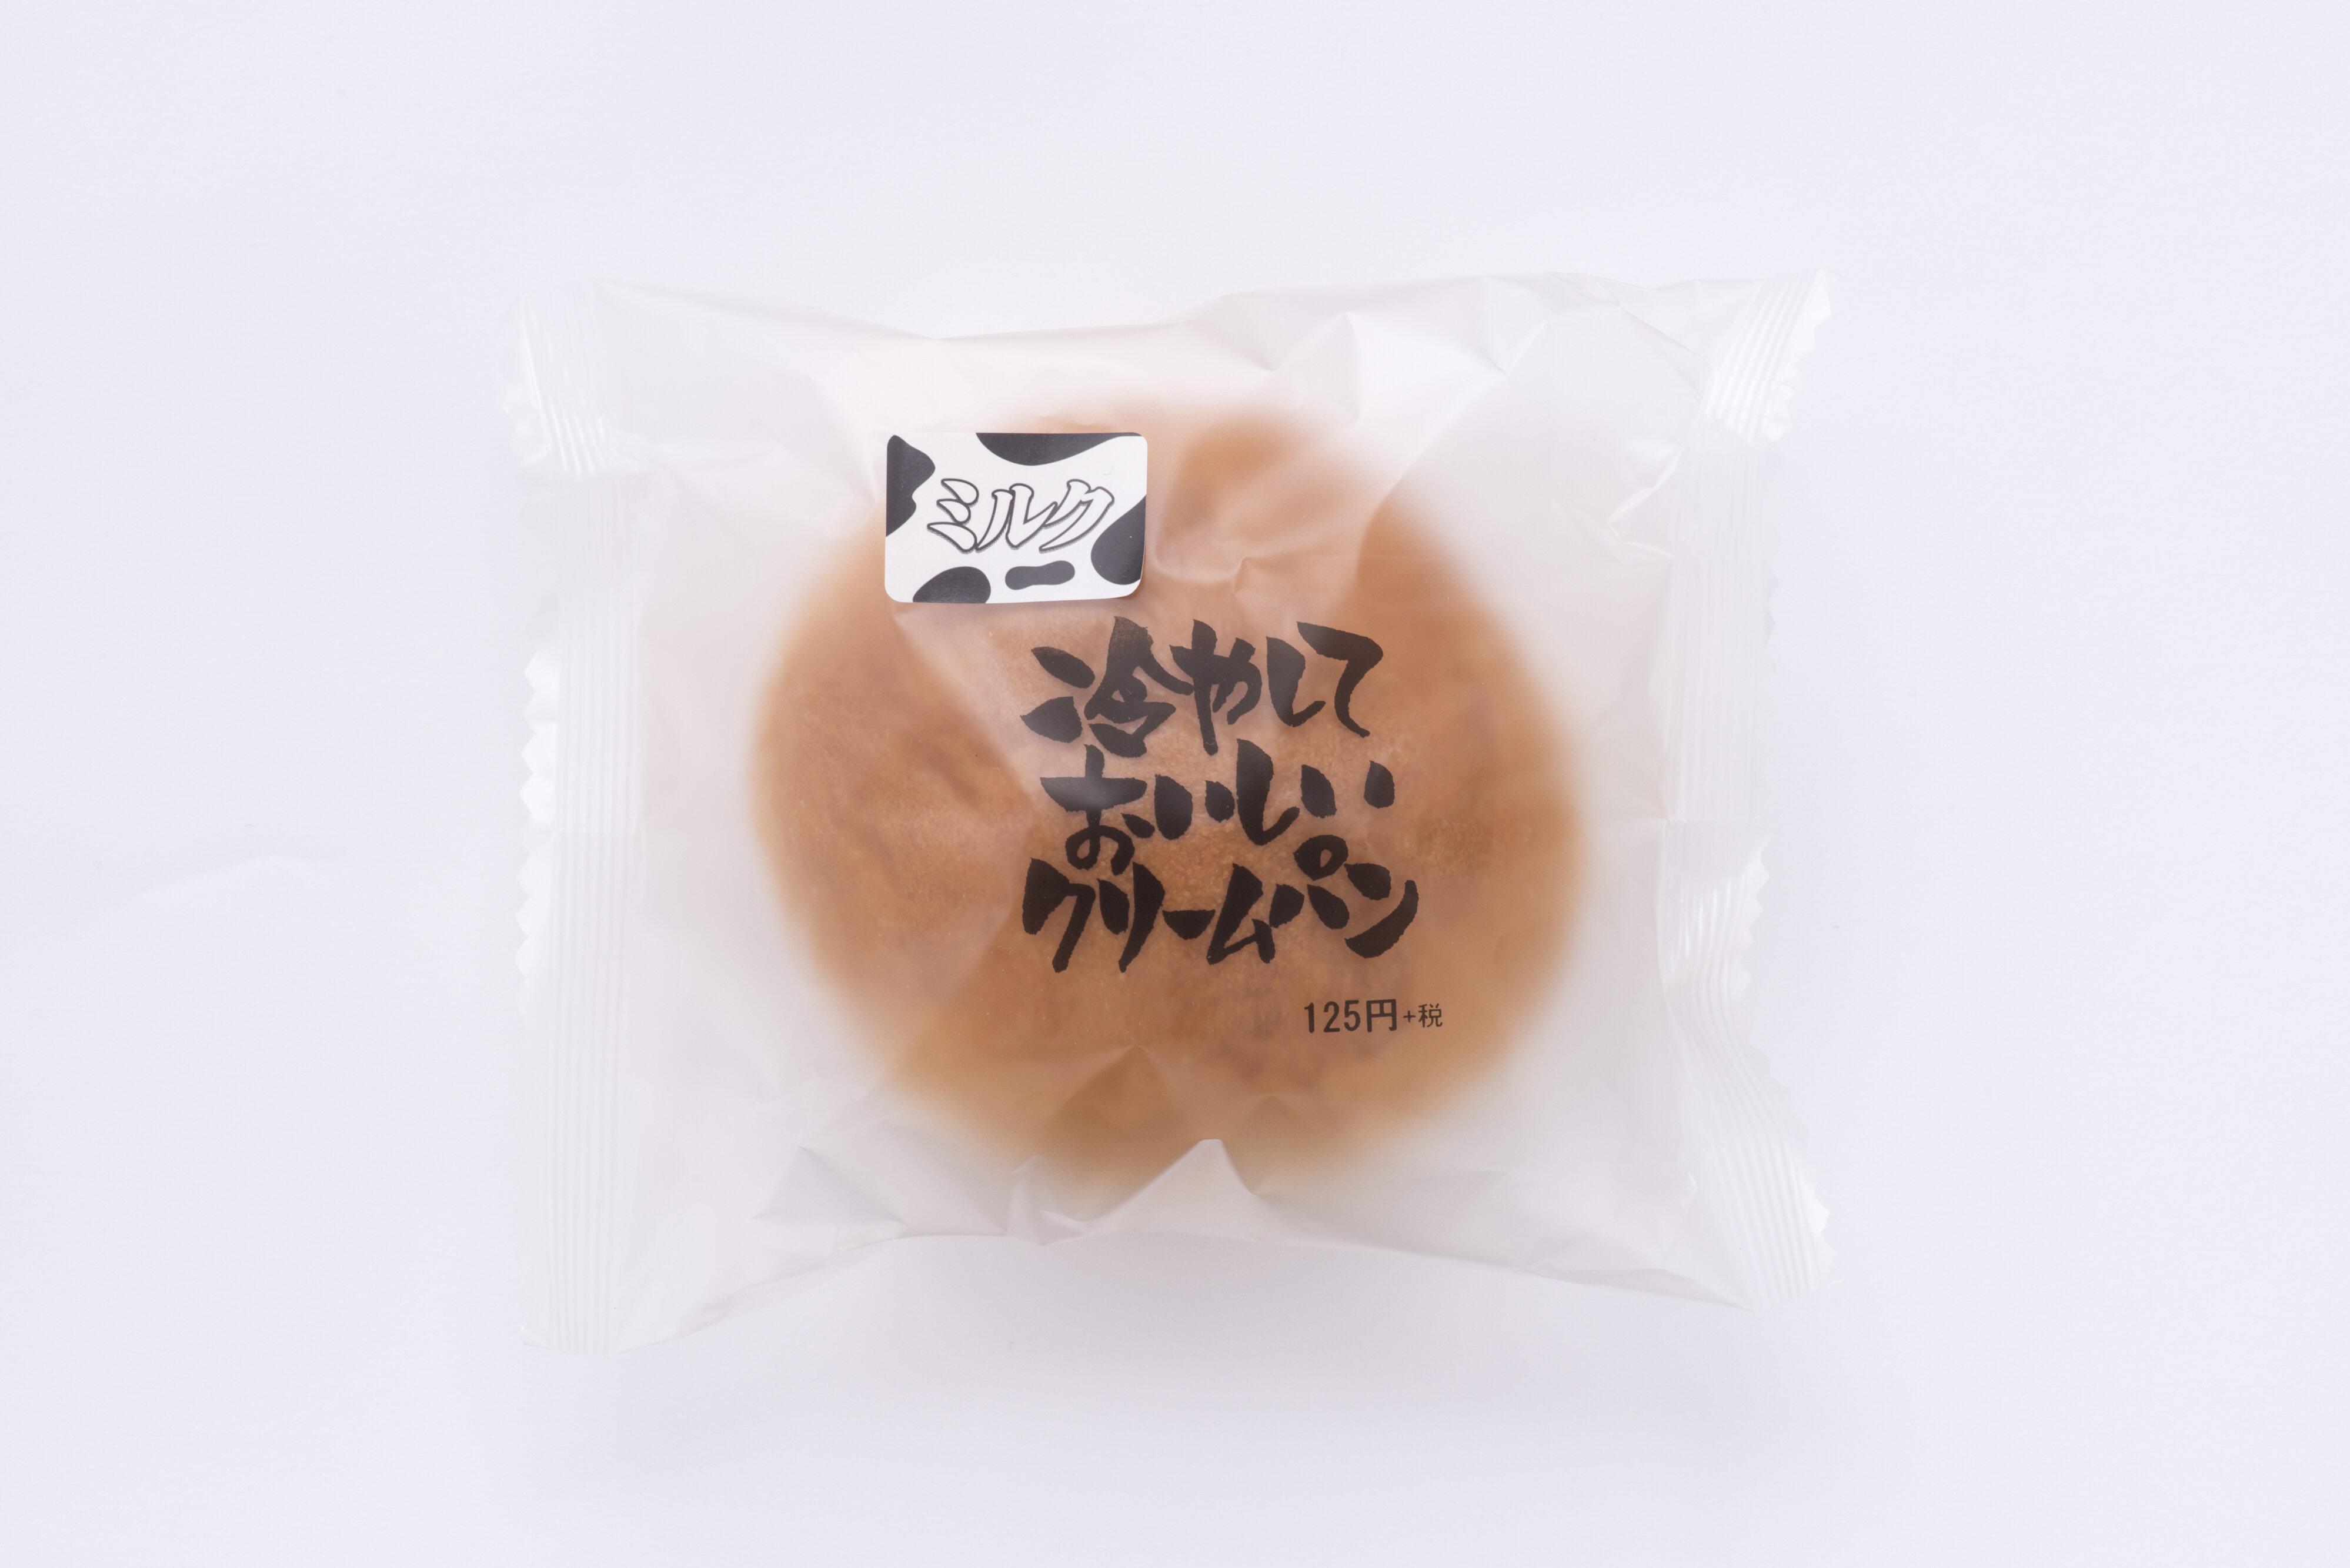 冷やしておいしいクリームパン(十勝ミルク).jpg